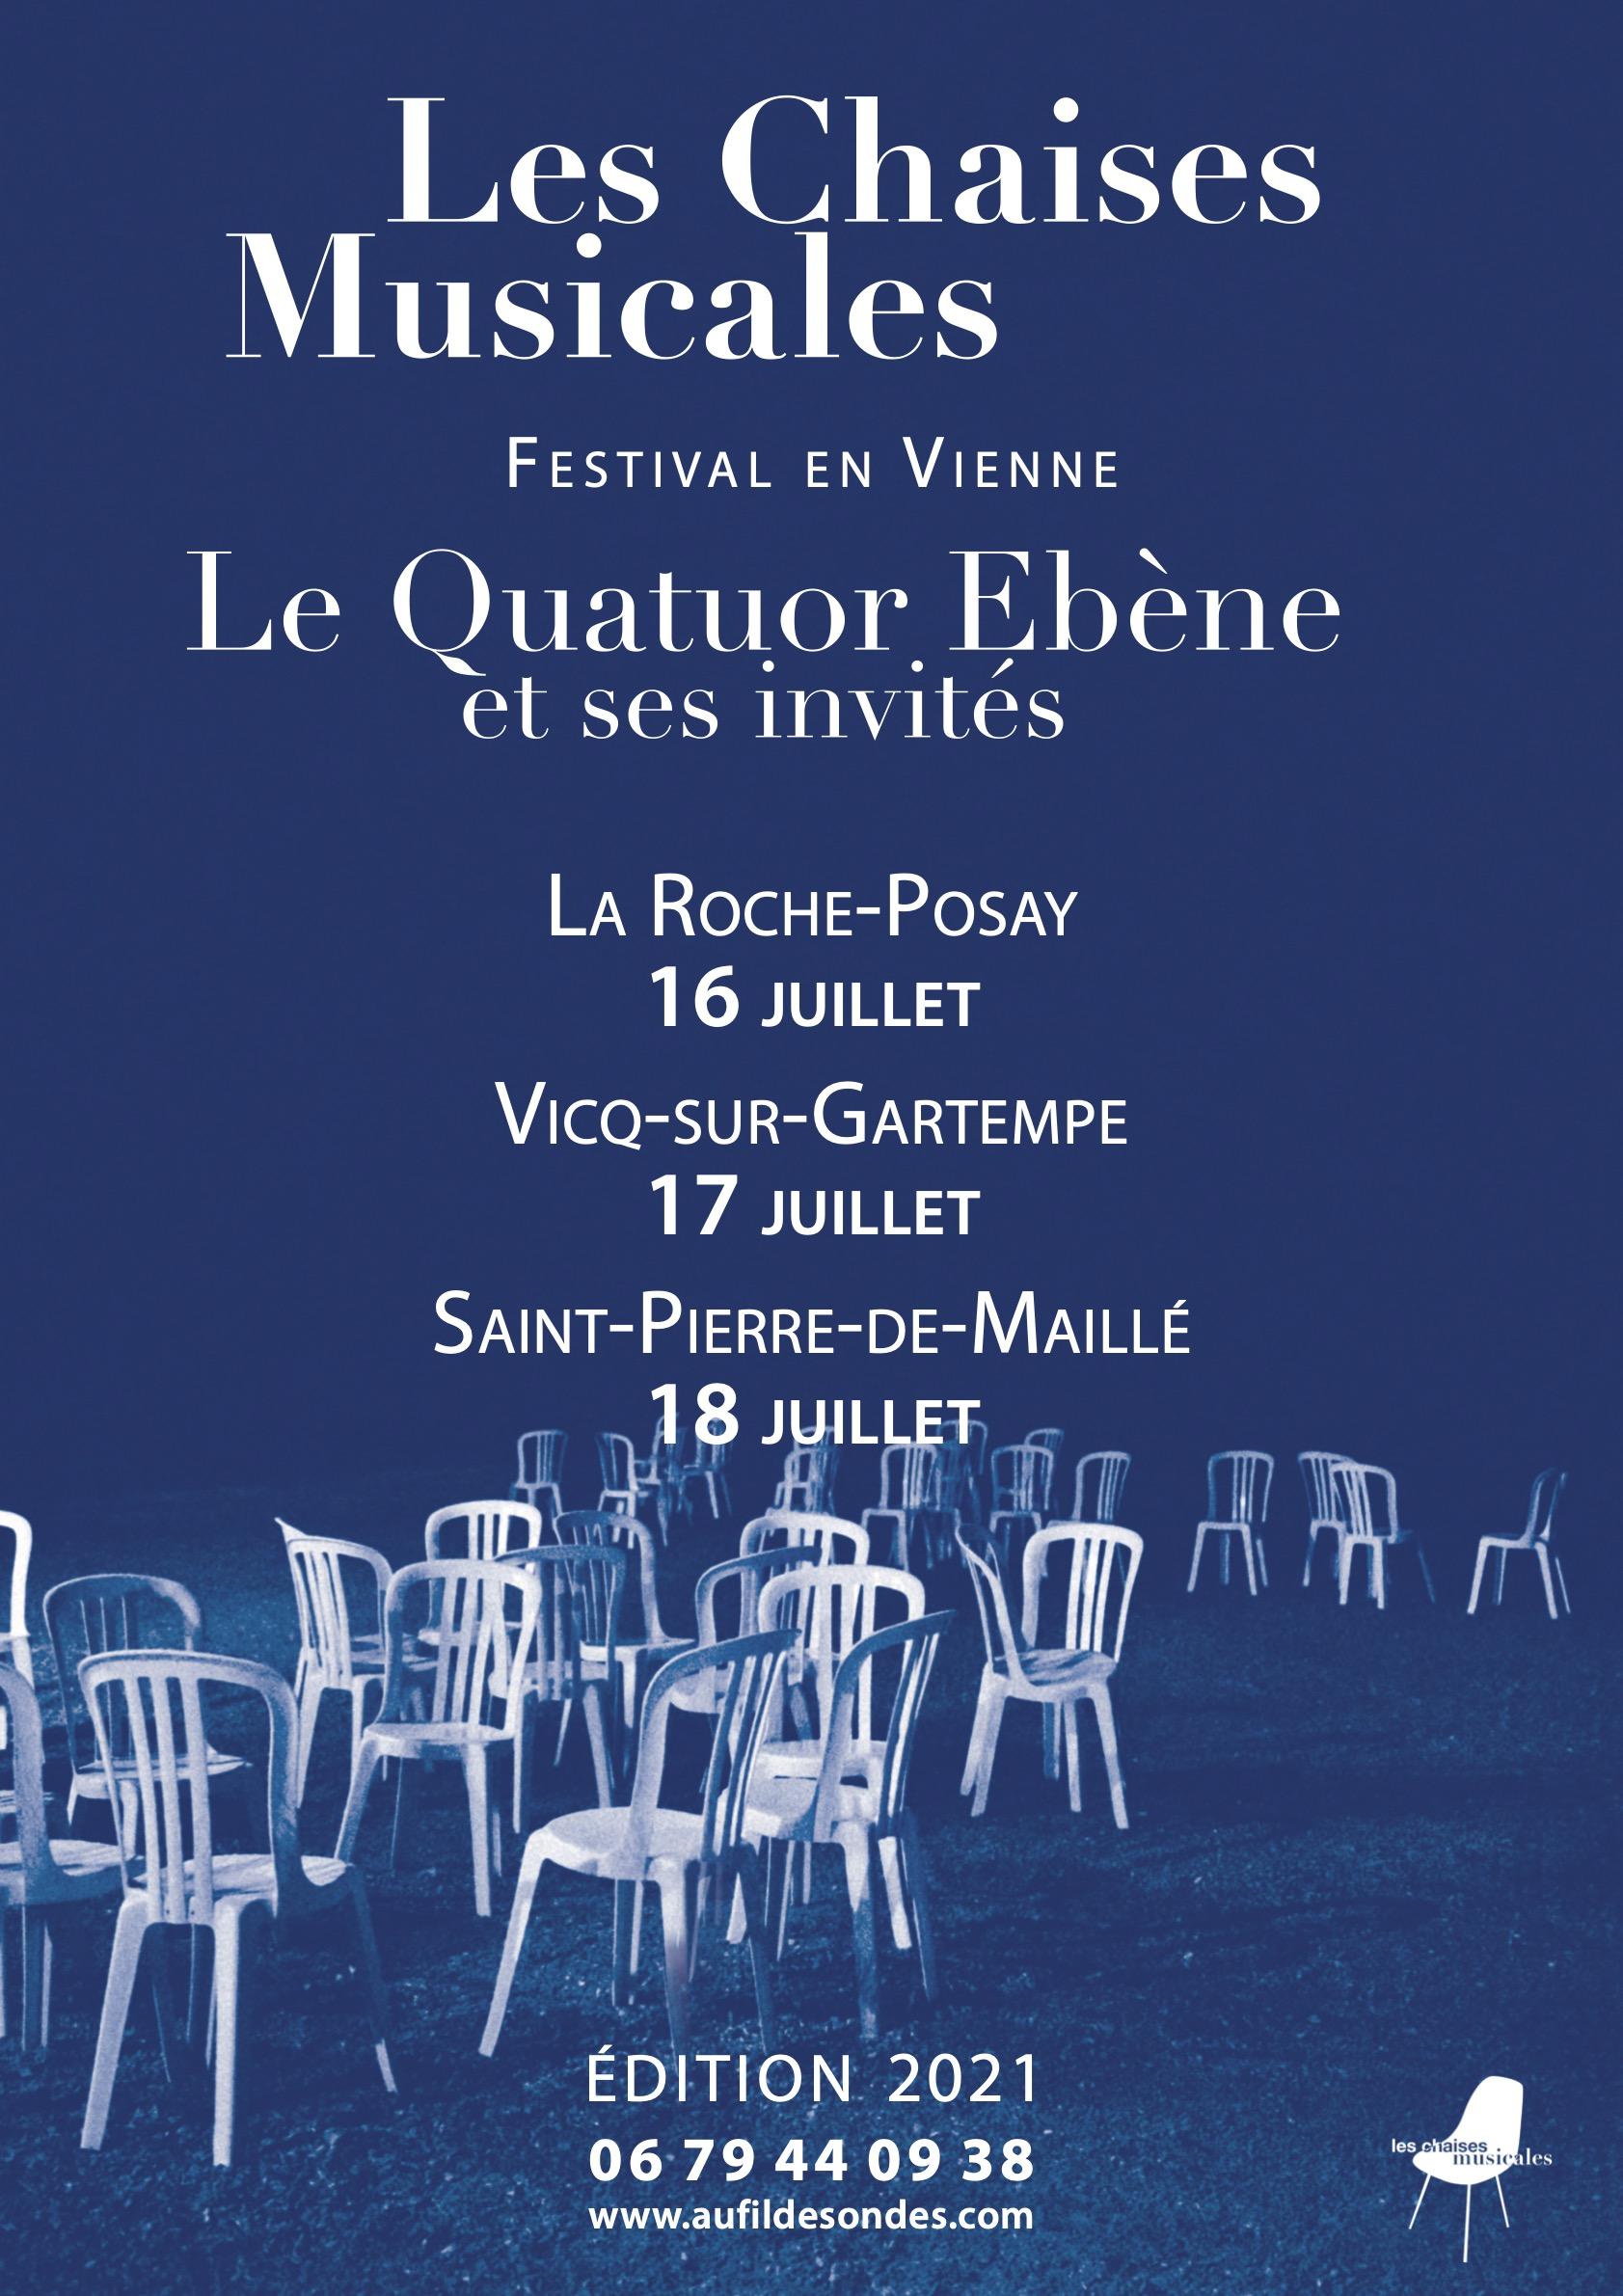 Les Chaises Musicales Festival